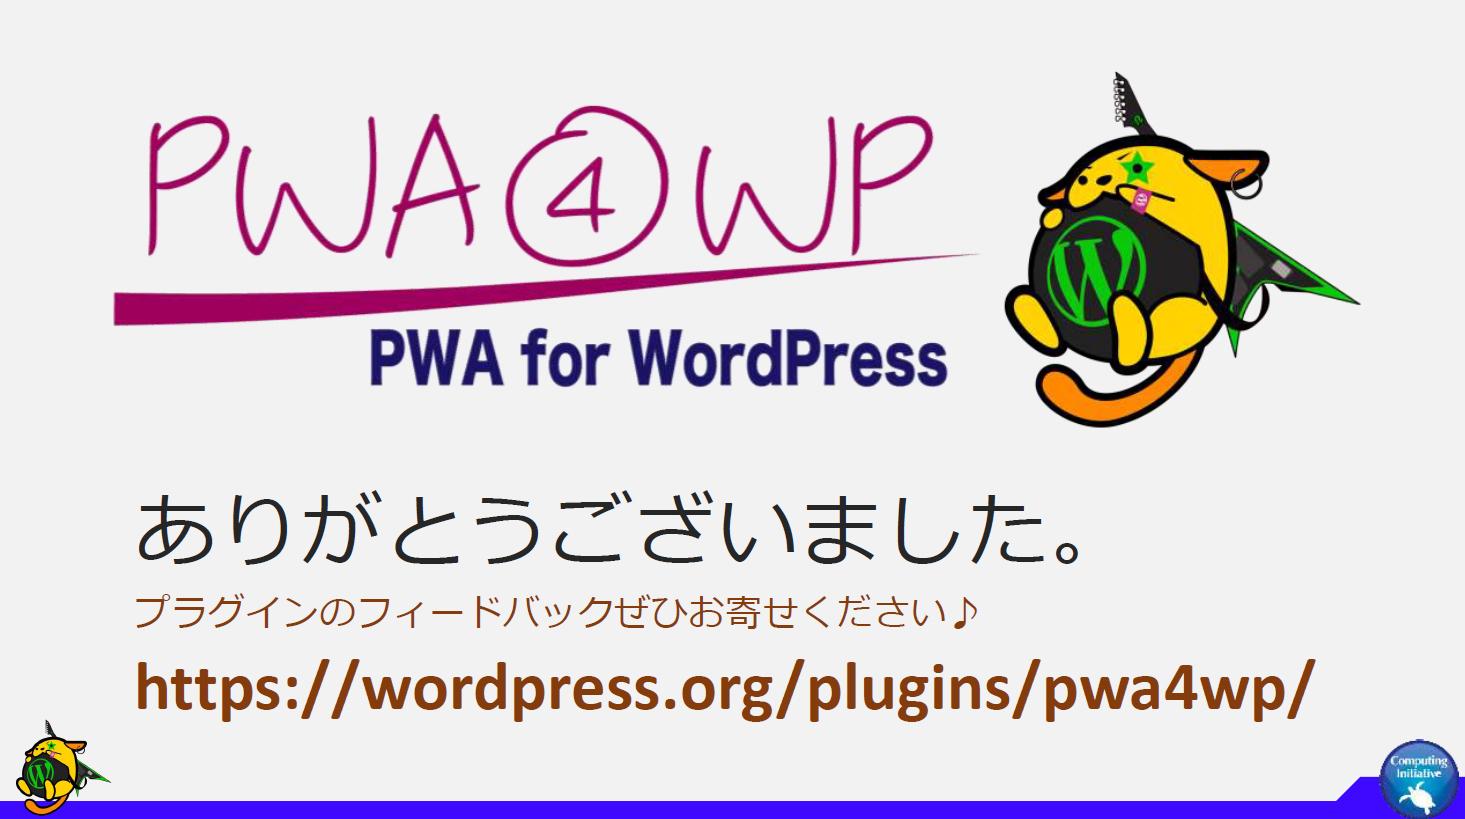 WordPressのPWA化が簡単にできるプラグイン「PWA for WordPress」がやばい #wctokyo